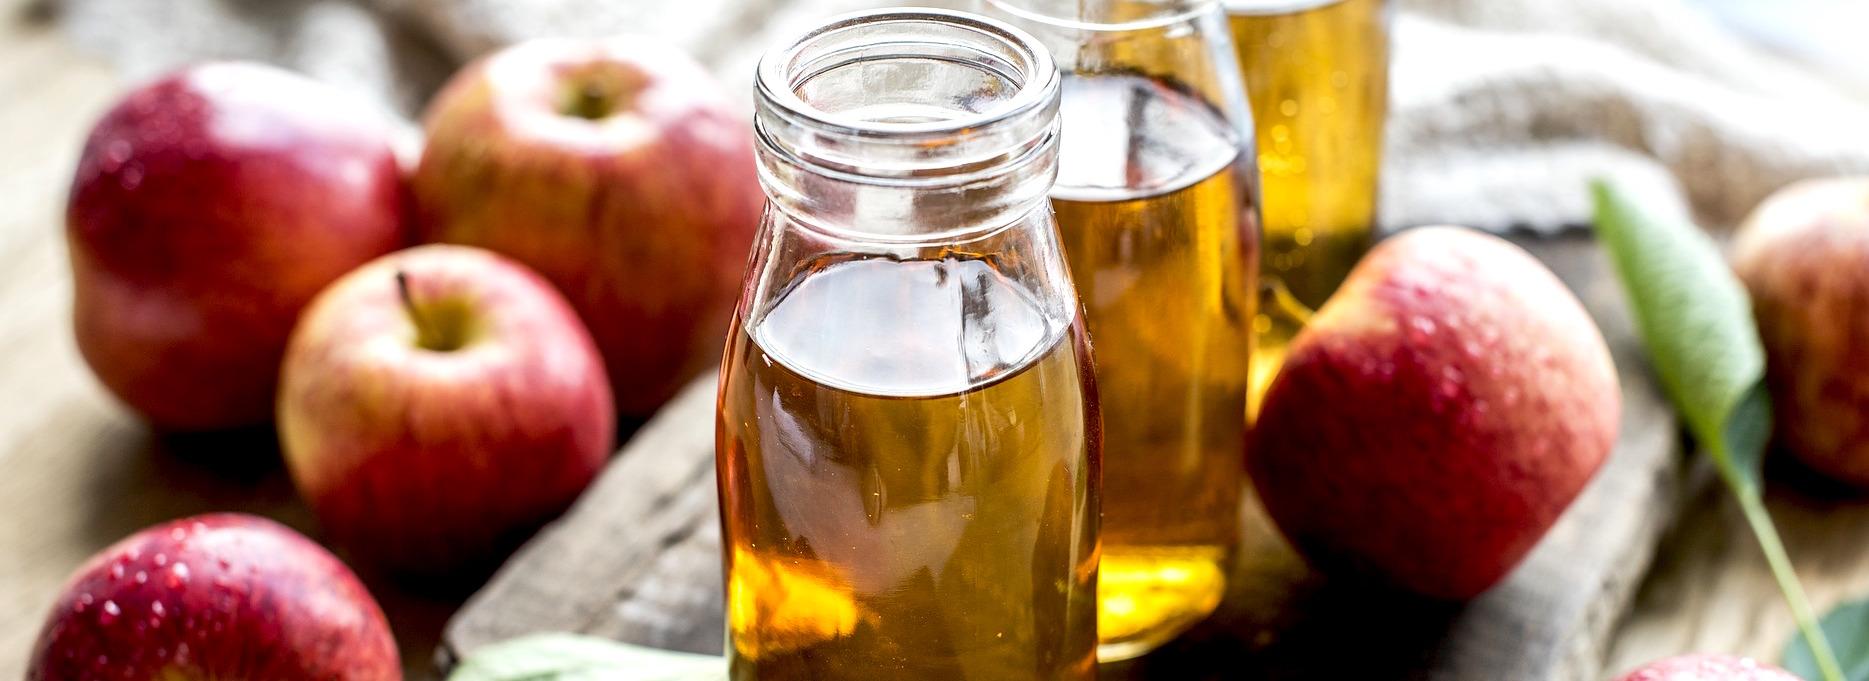 Le jus de pommes bio en bib